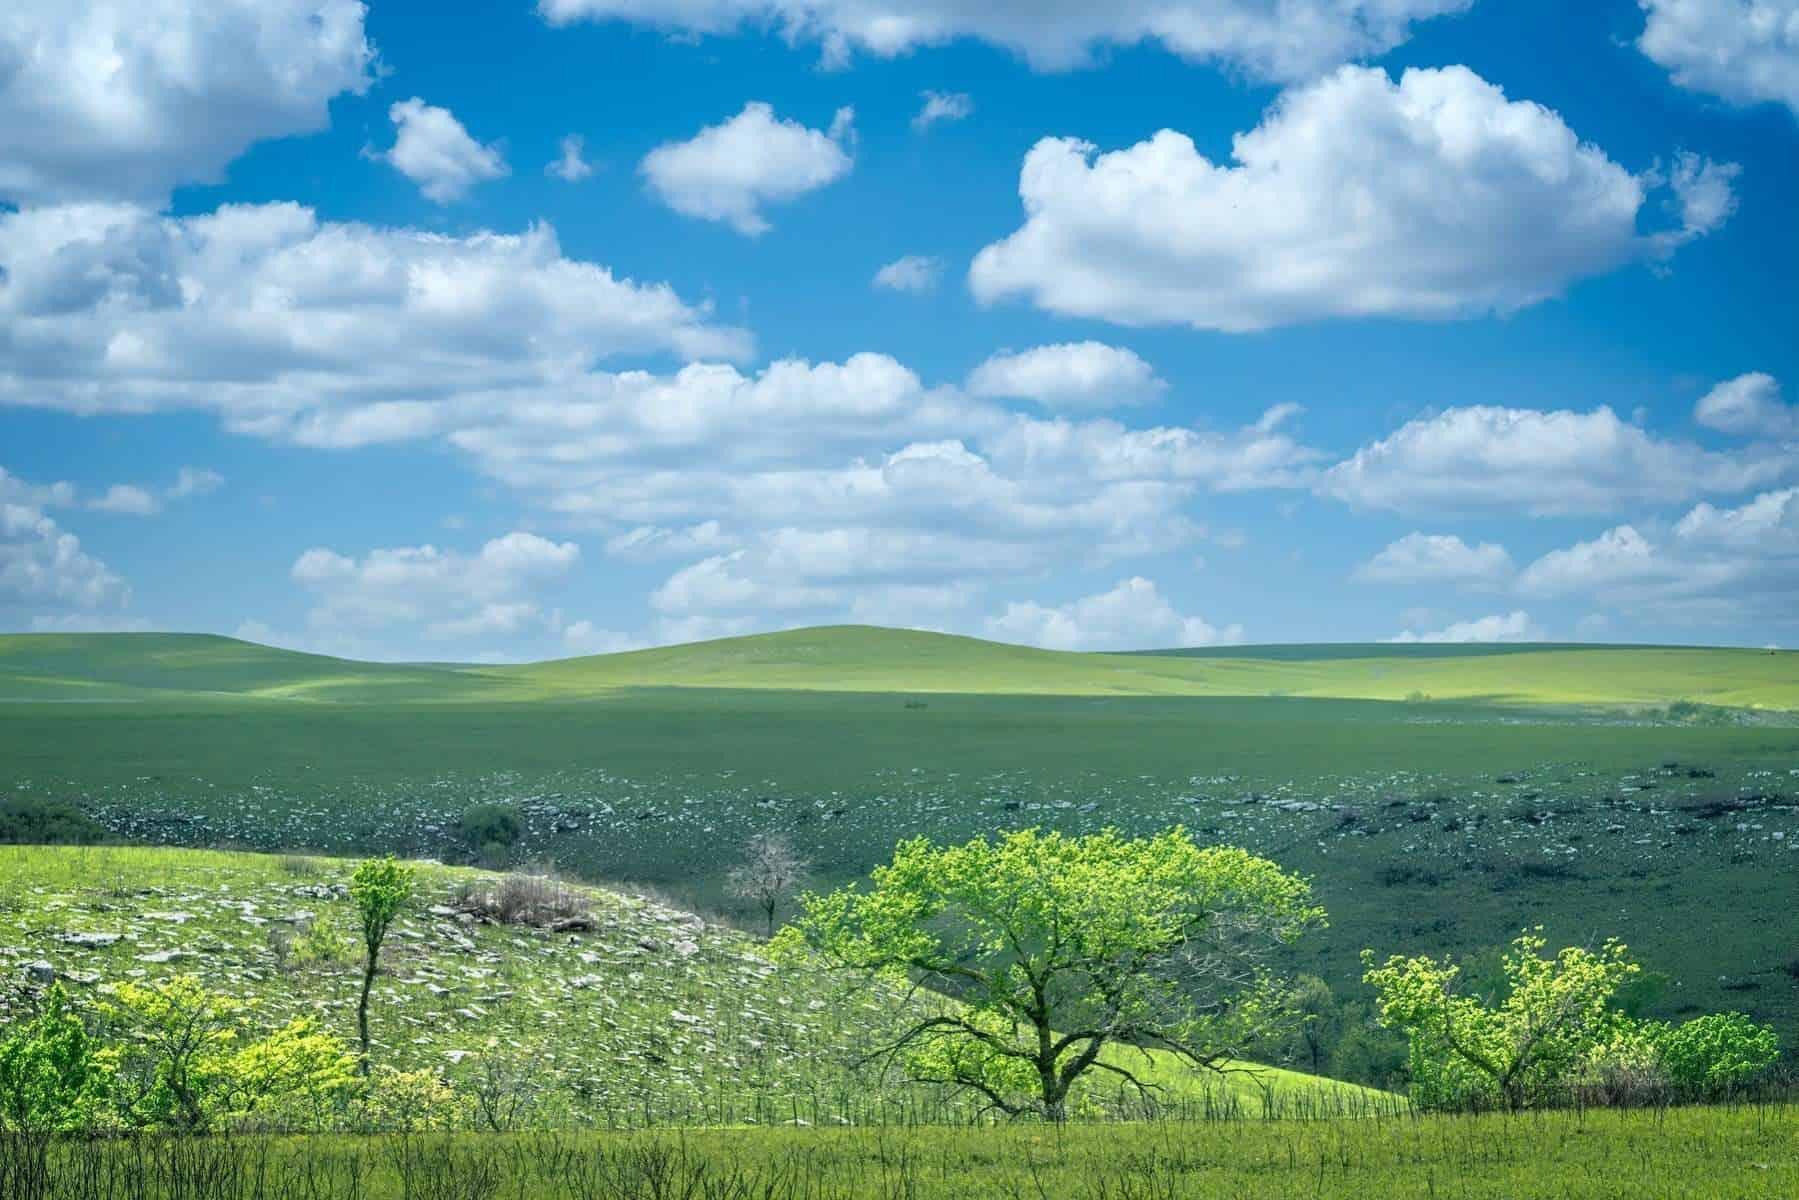 Kansas, Flint Hills, Tallgrass Prairie